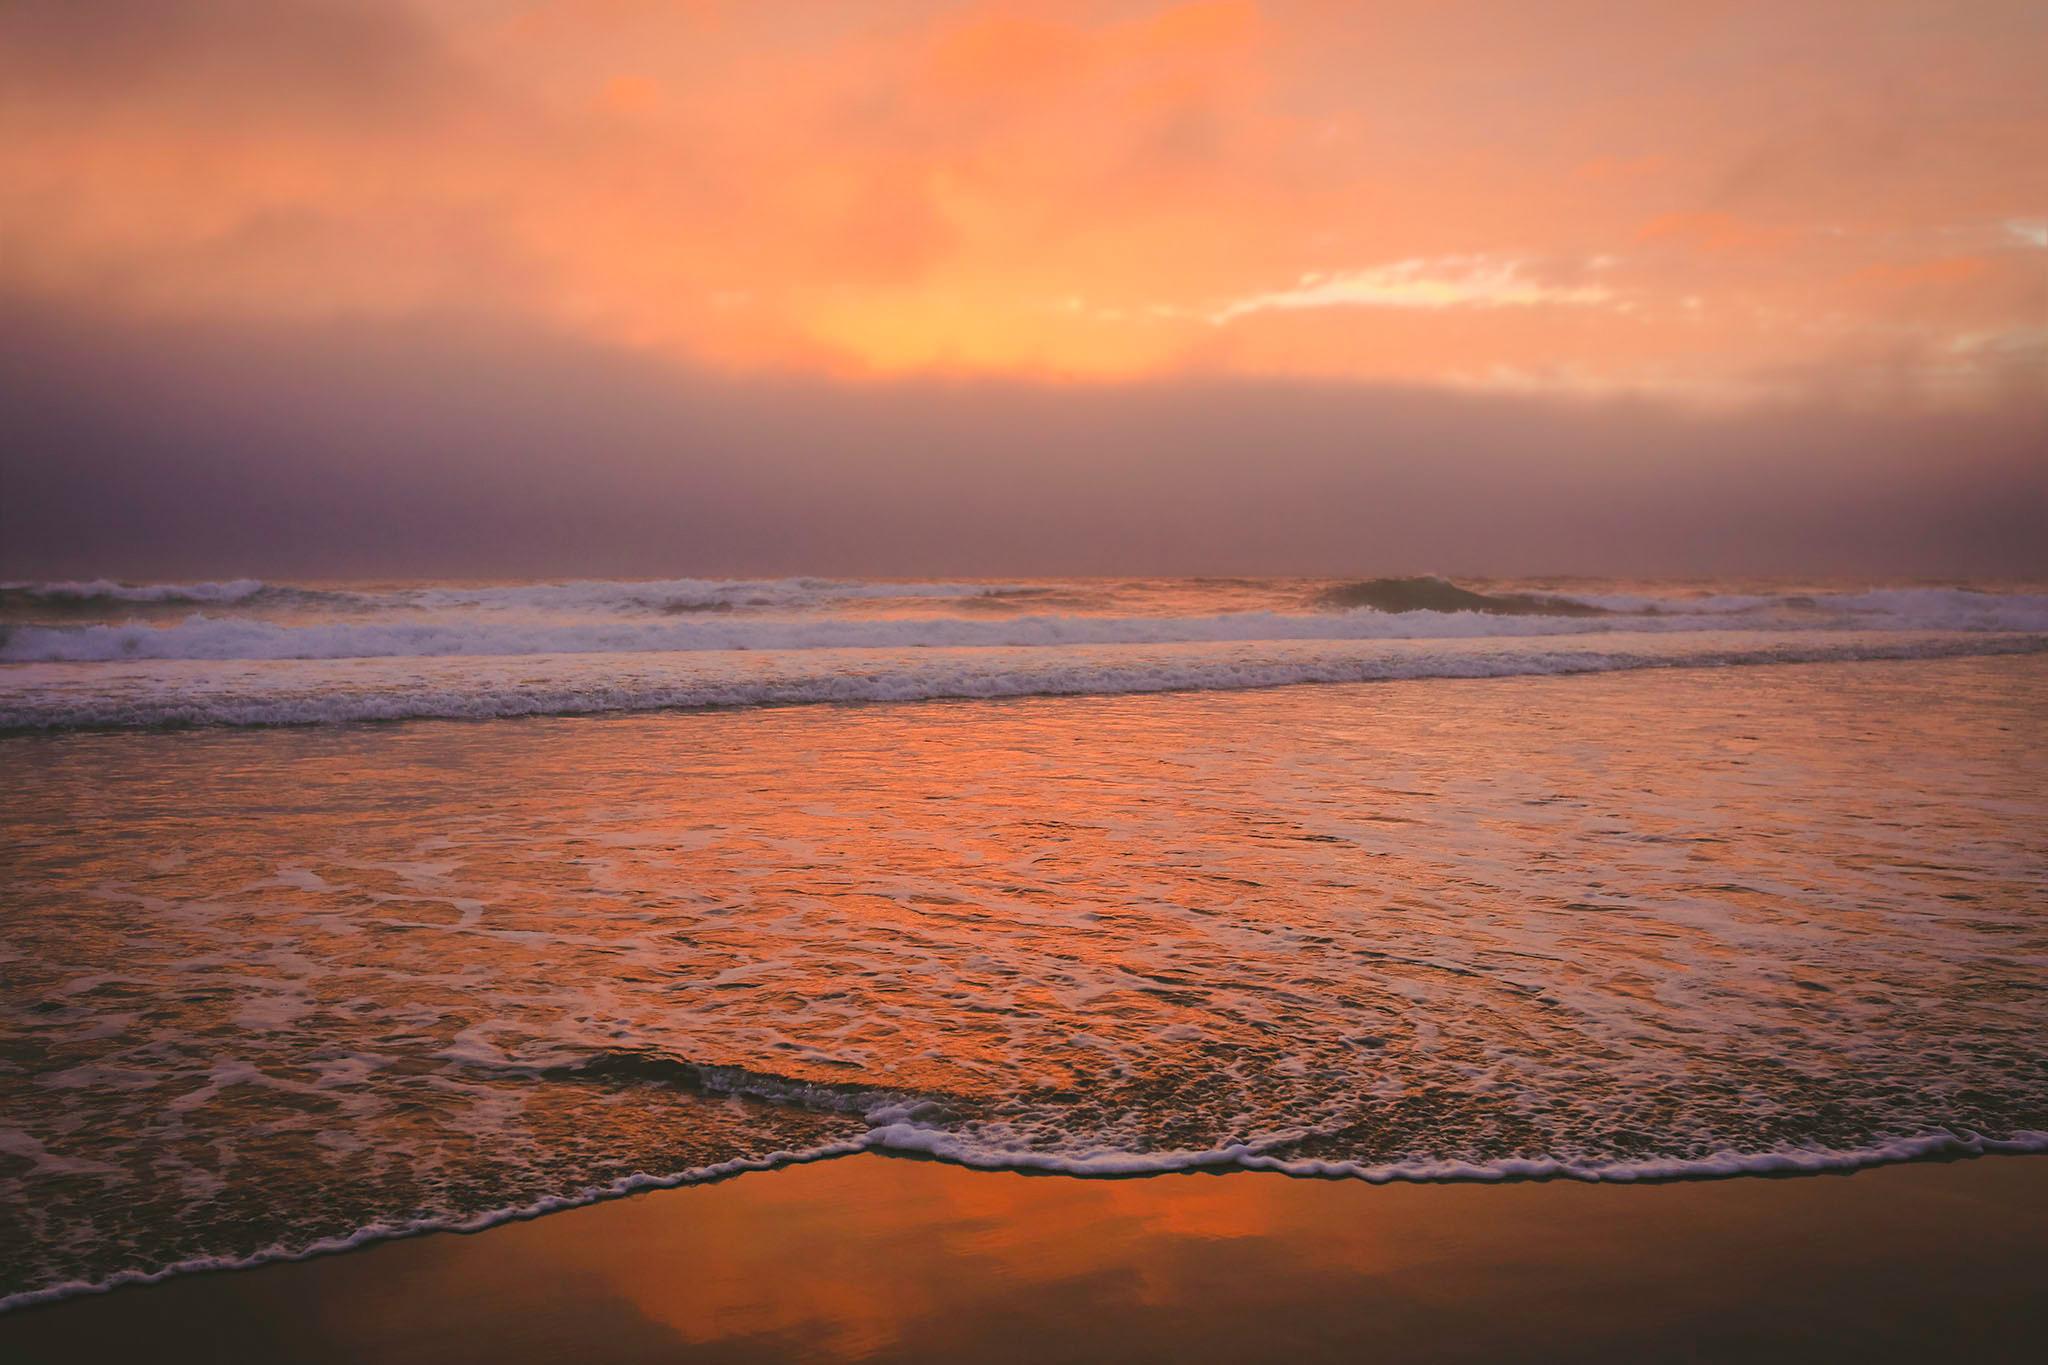 sunset, oregon coast, jennifer picard photography, travel photographer